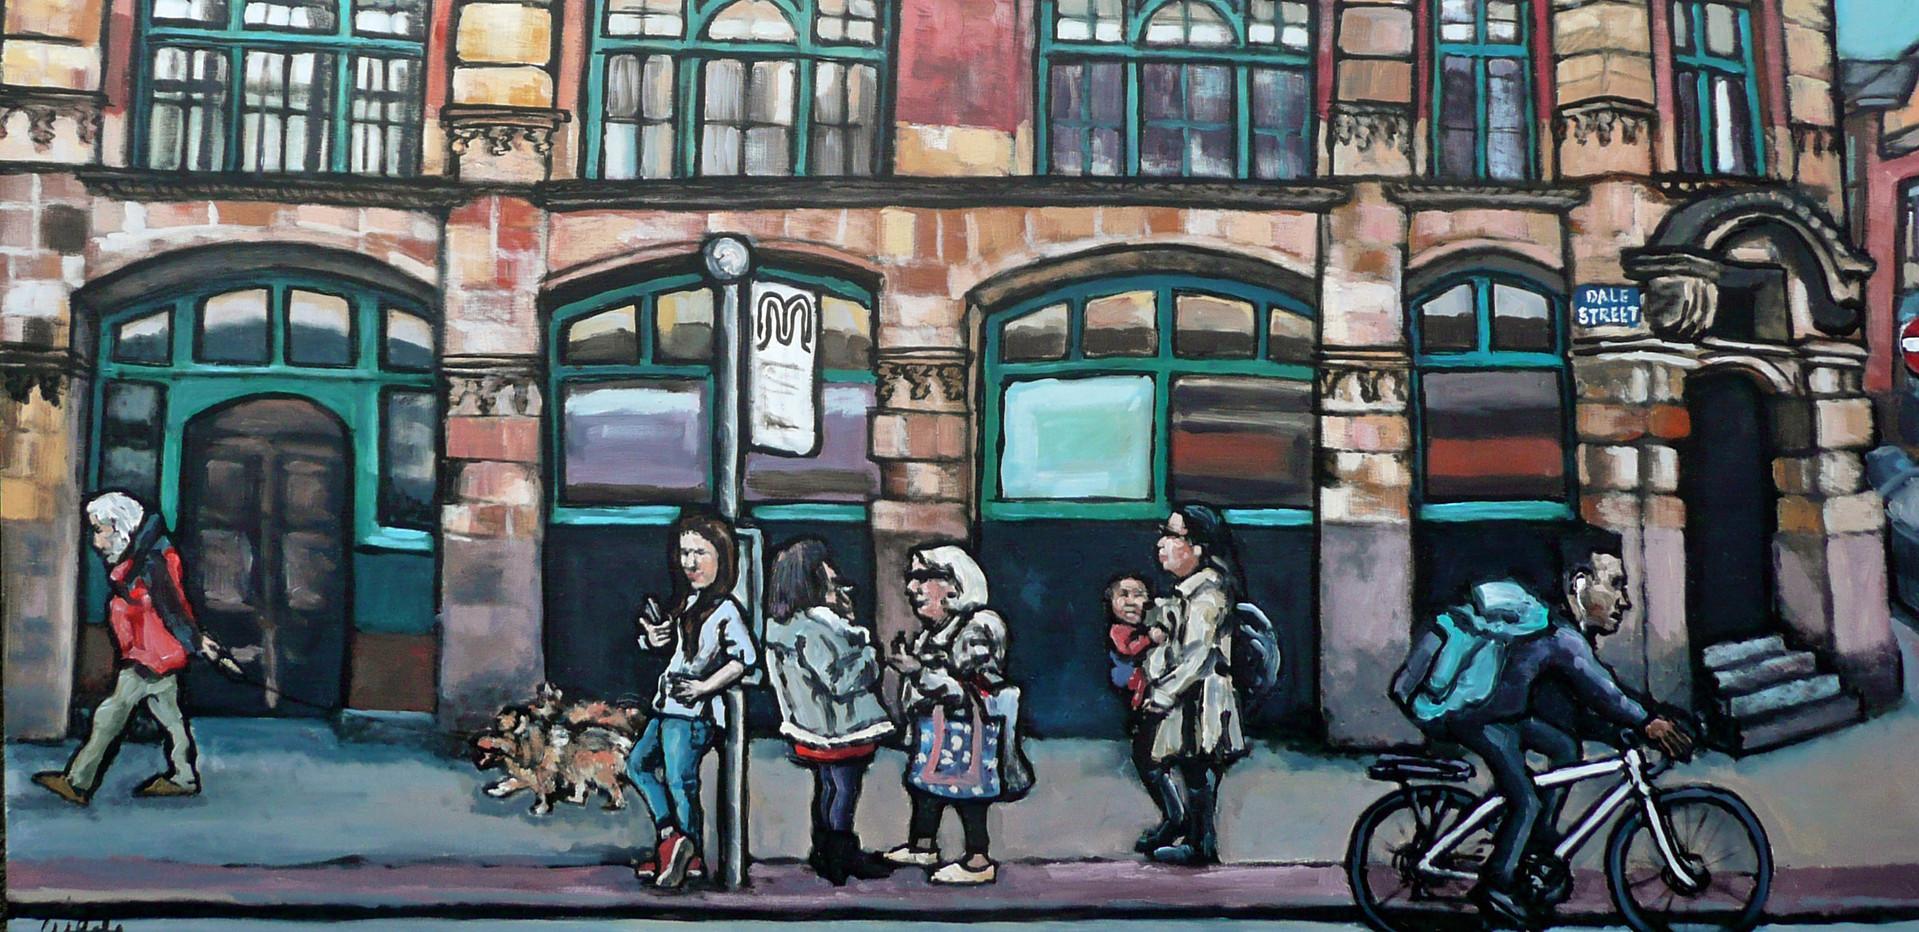 Dale Street - 62 x 76 cm